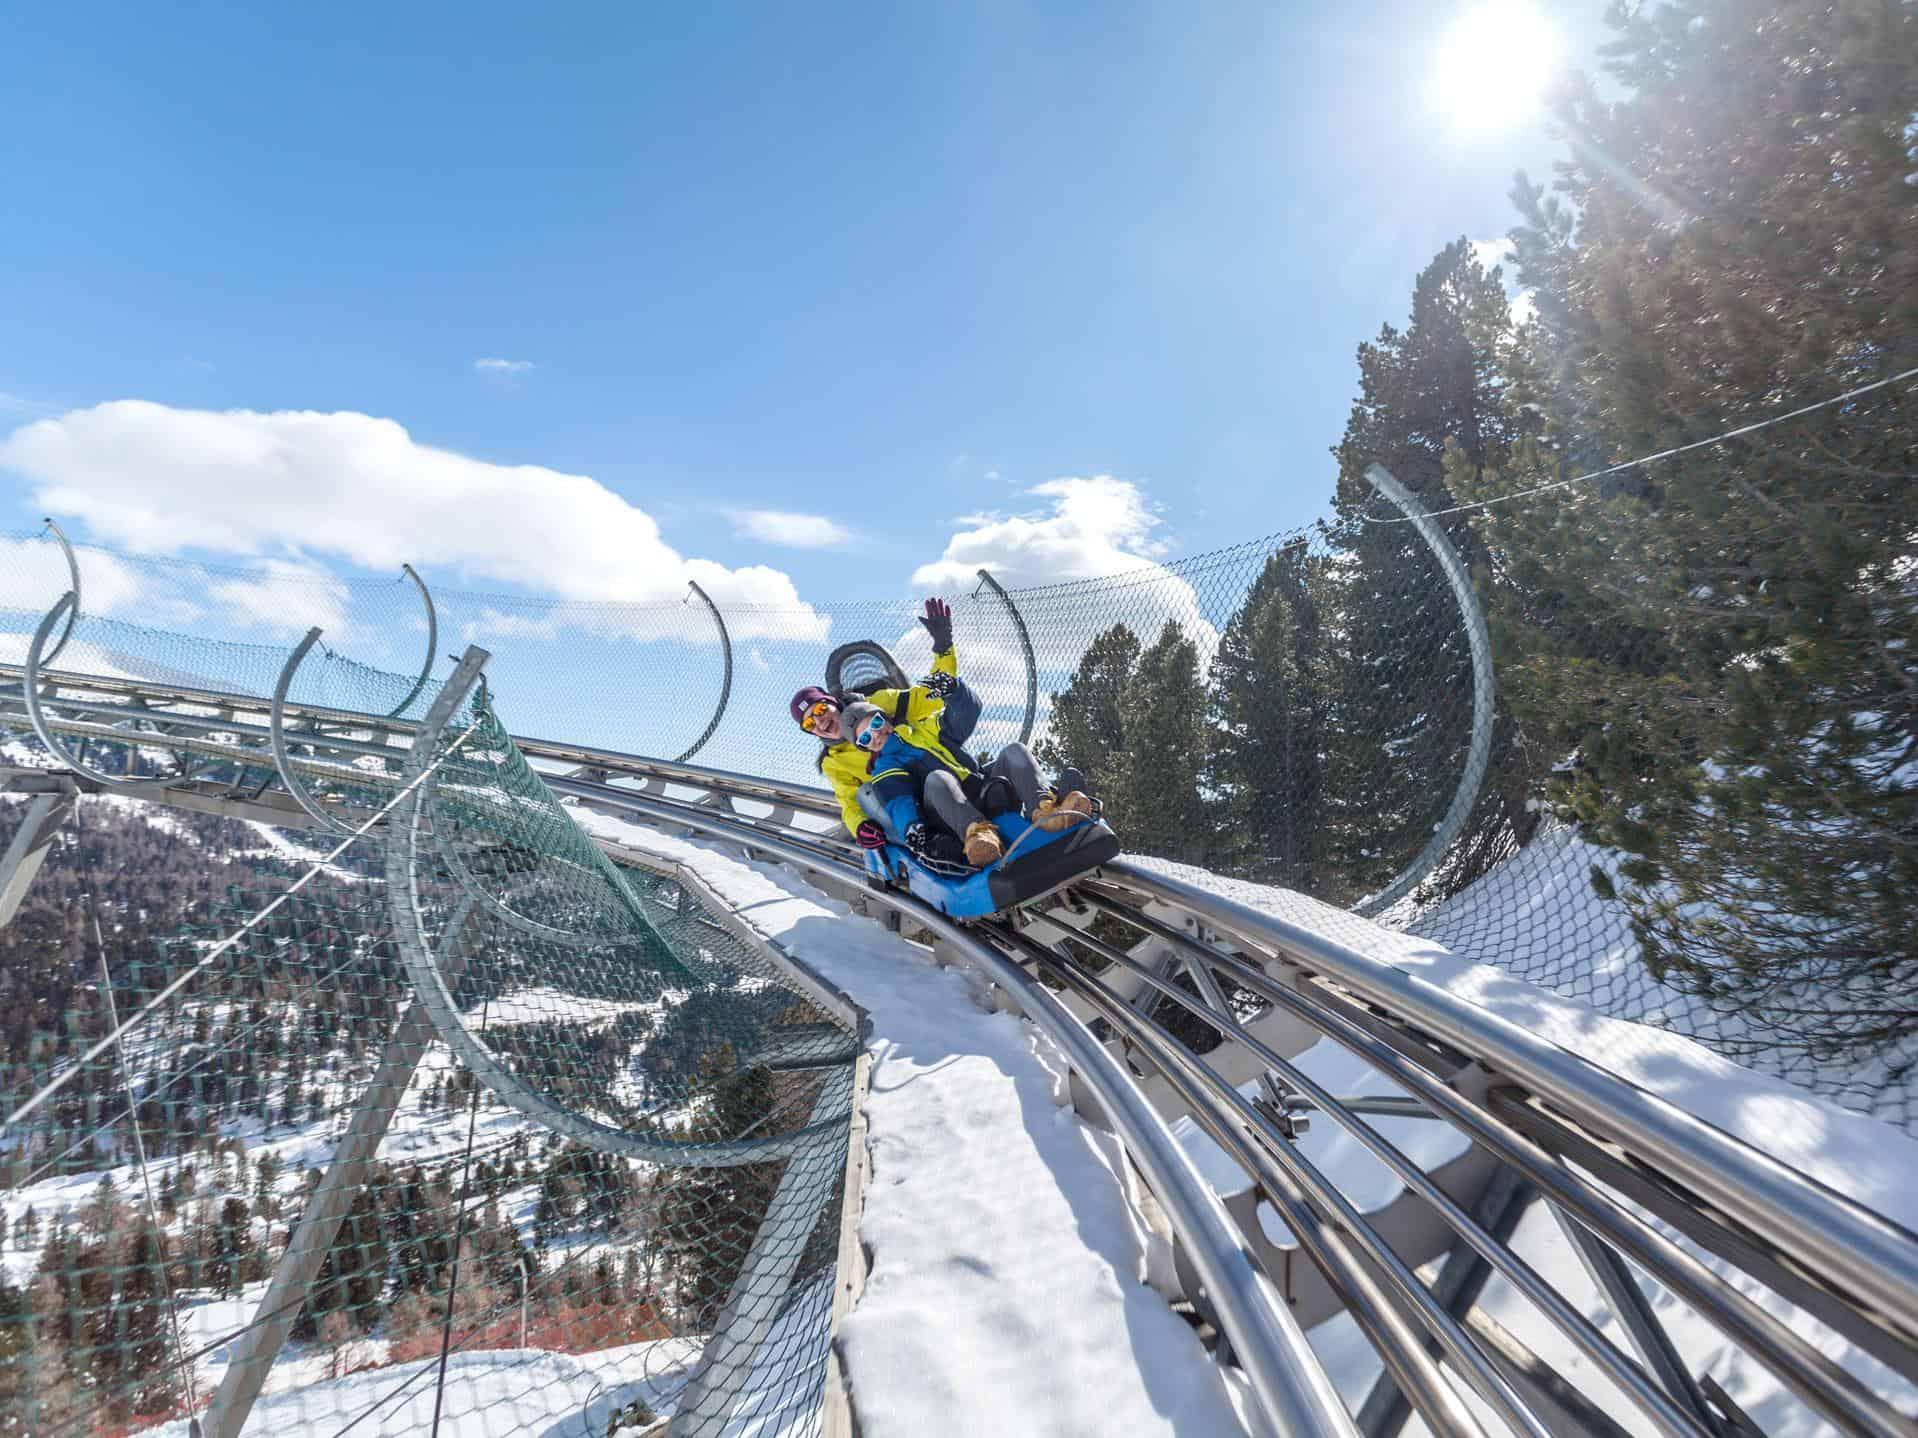 Rodelbahn Nocky Flitzer im Winter auf der Turracher Höhe in Kärnten und Steiermark